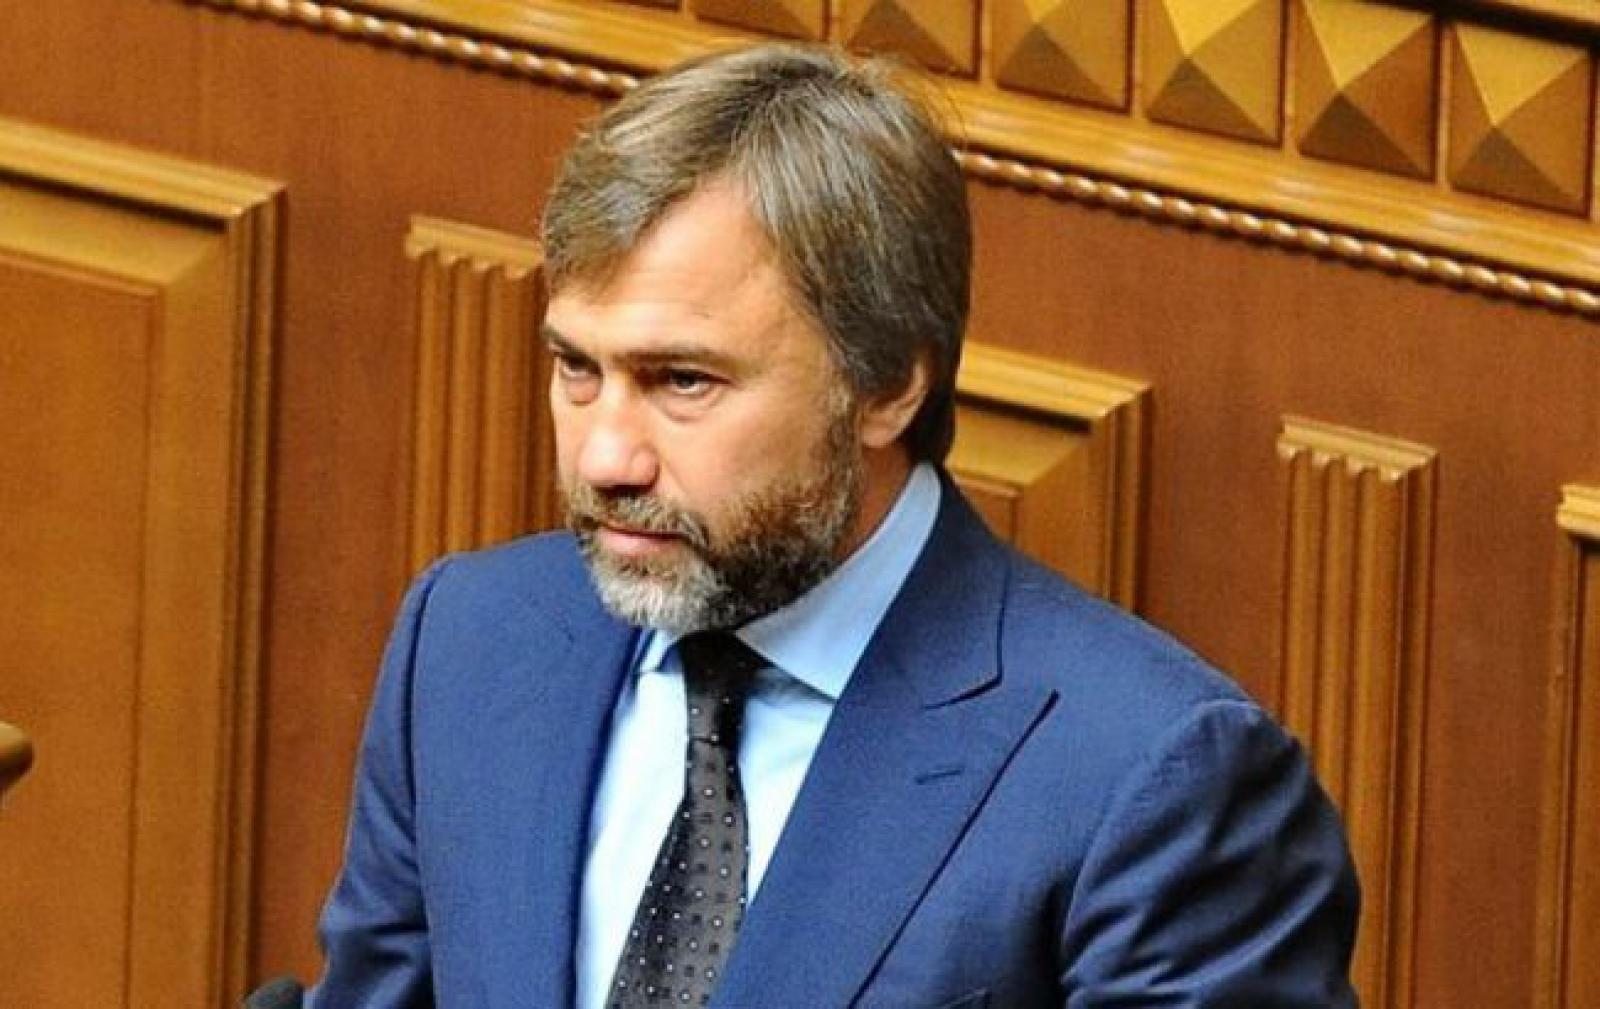 Новинский заявил, что после снятия неприкосновенности не будет убегать из Украины